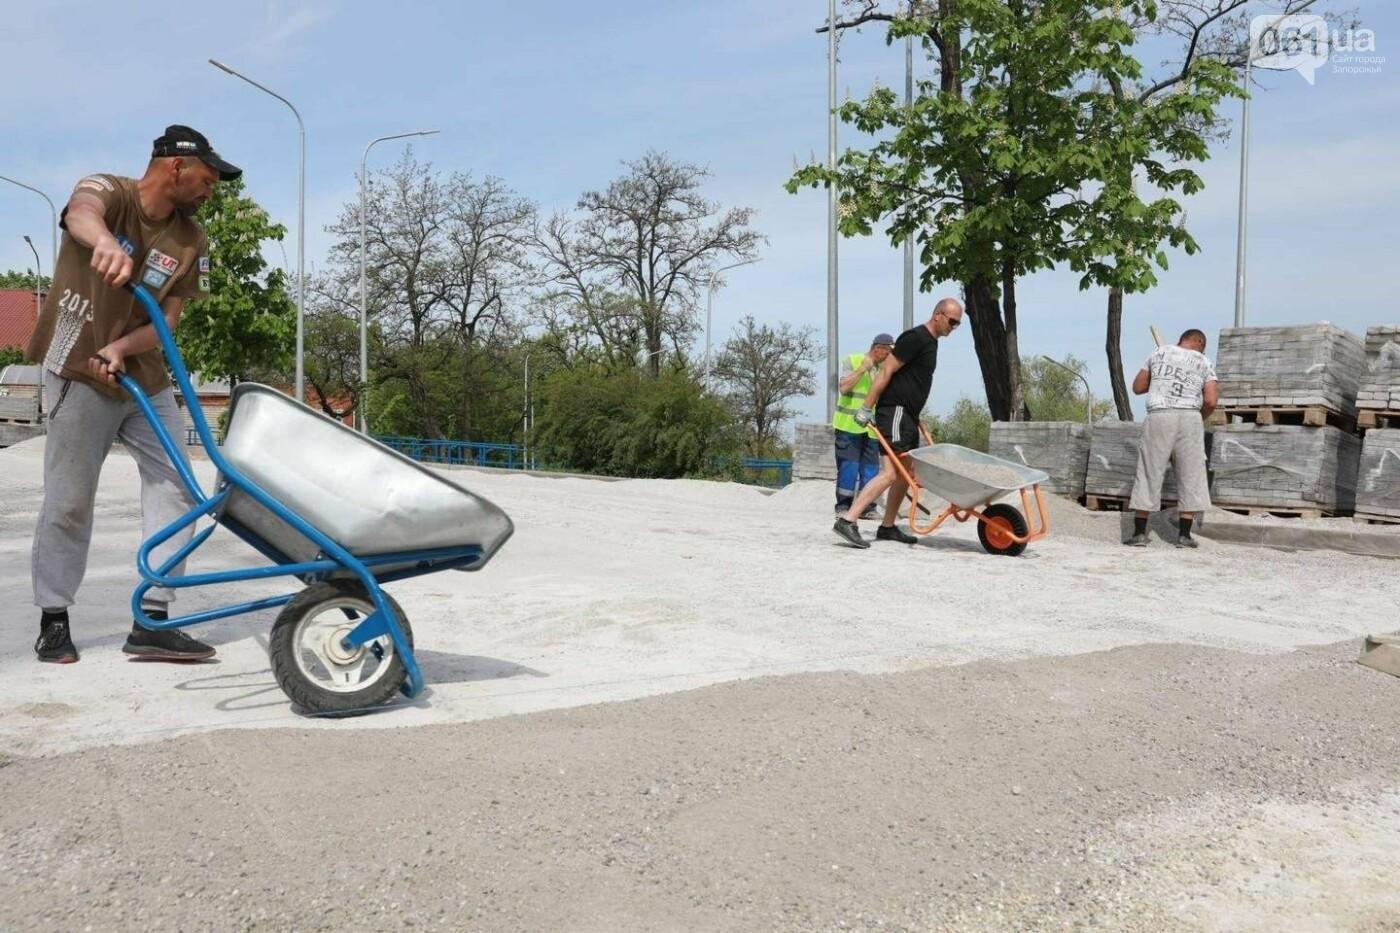 4 года и 25 миллионов гривен: в Запорожье завершается многострадальная реконструкция пляжа на Кичкасе, фото-2